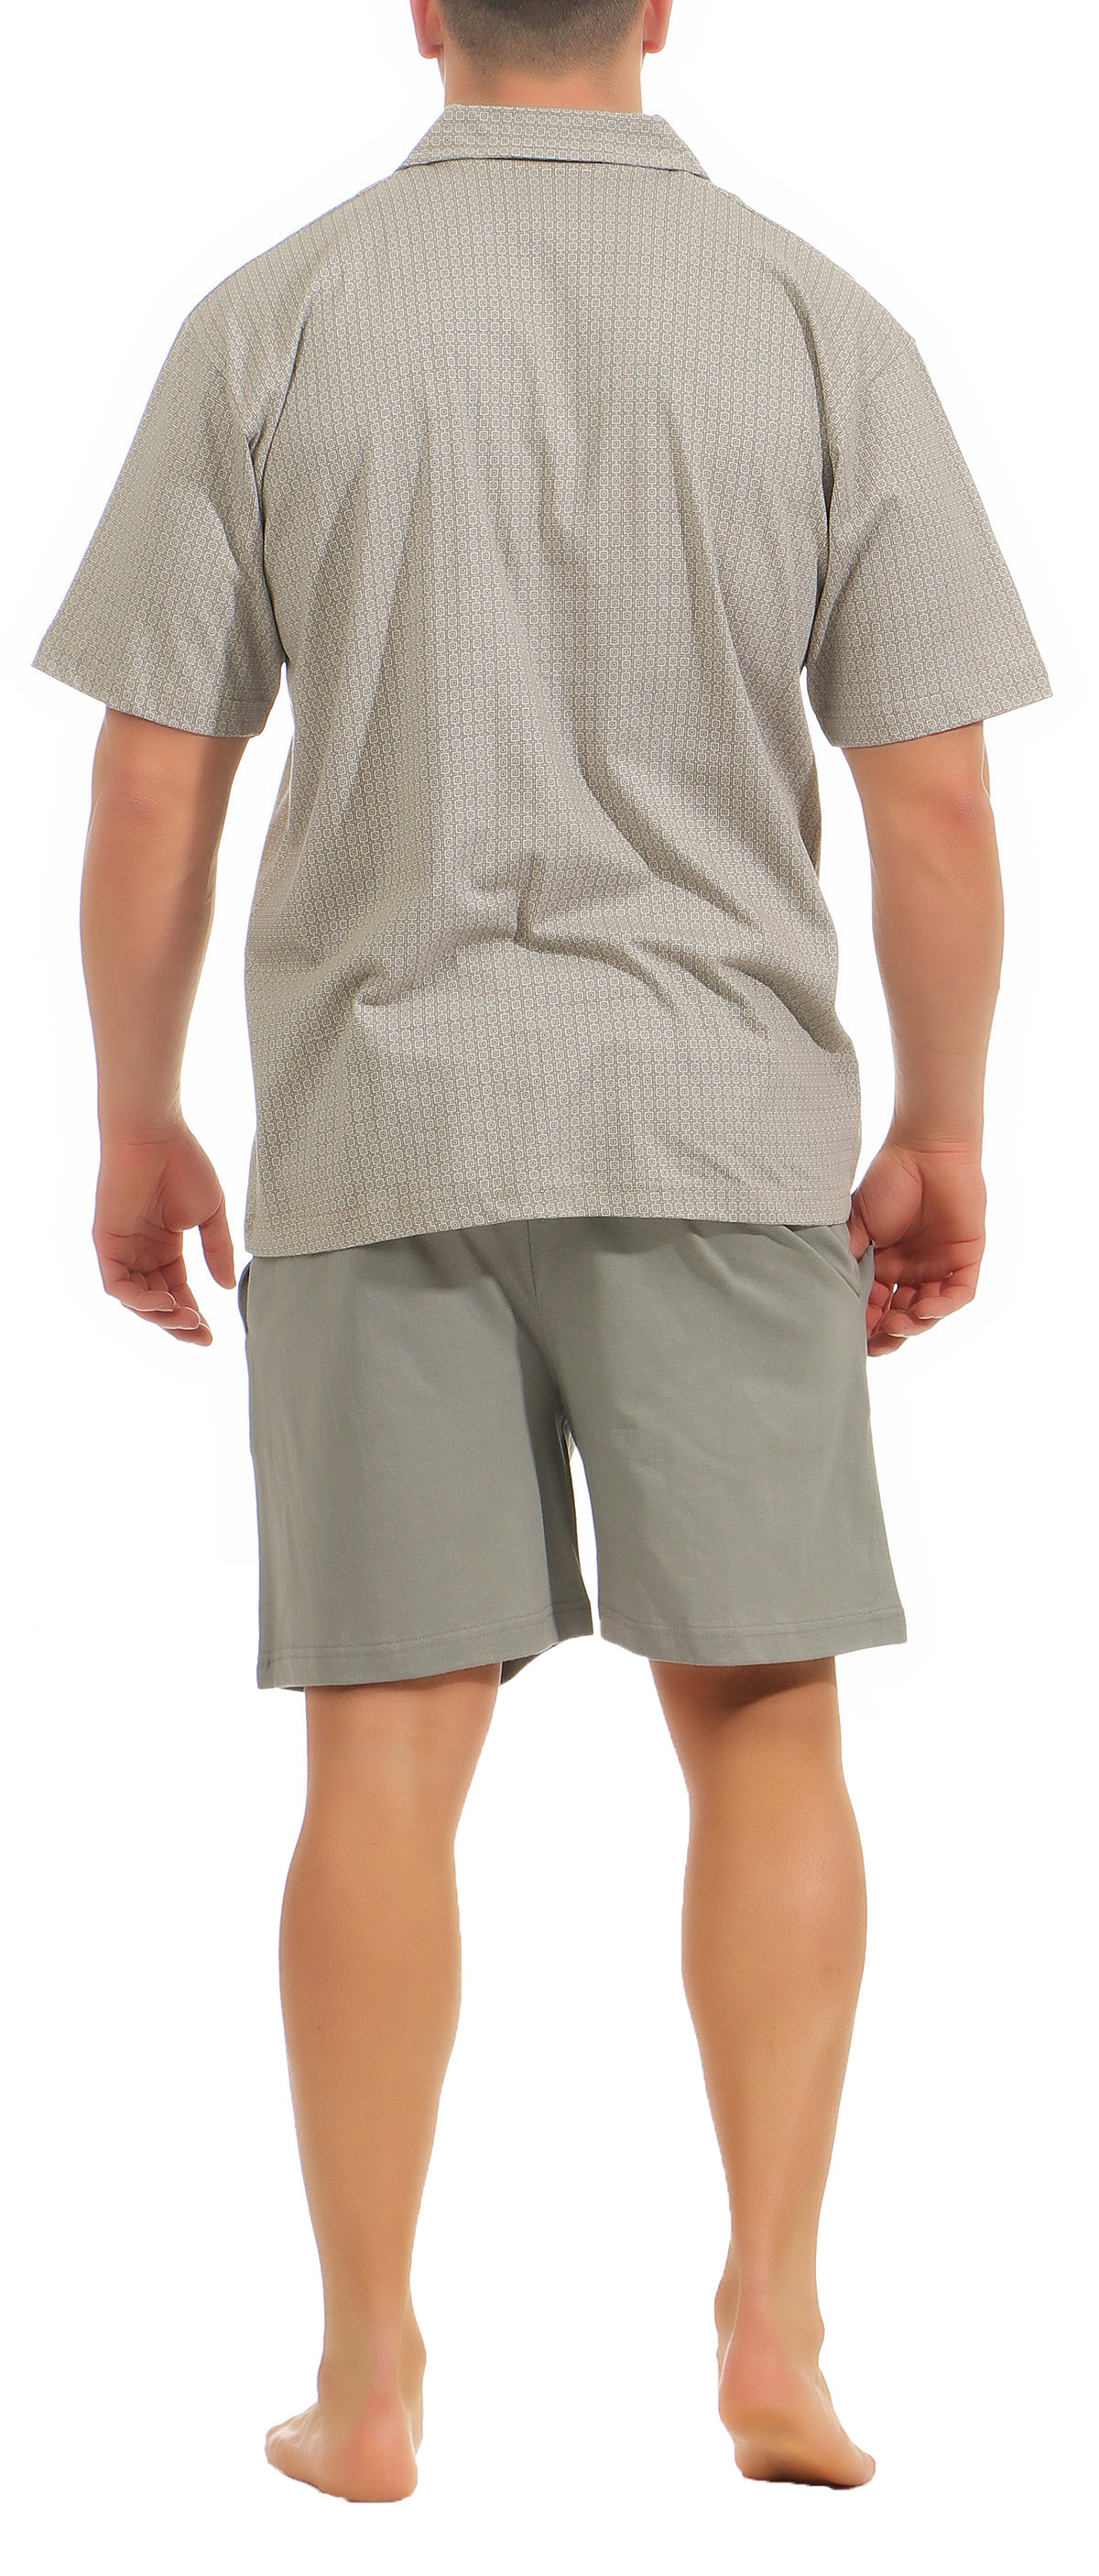 Eleganter Herren Shorty Pyjama kurzarm Schlafanzug zum durchknöpfen – 181 105 90 512 – Bild 3